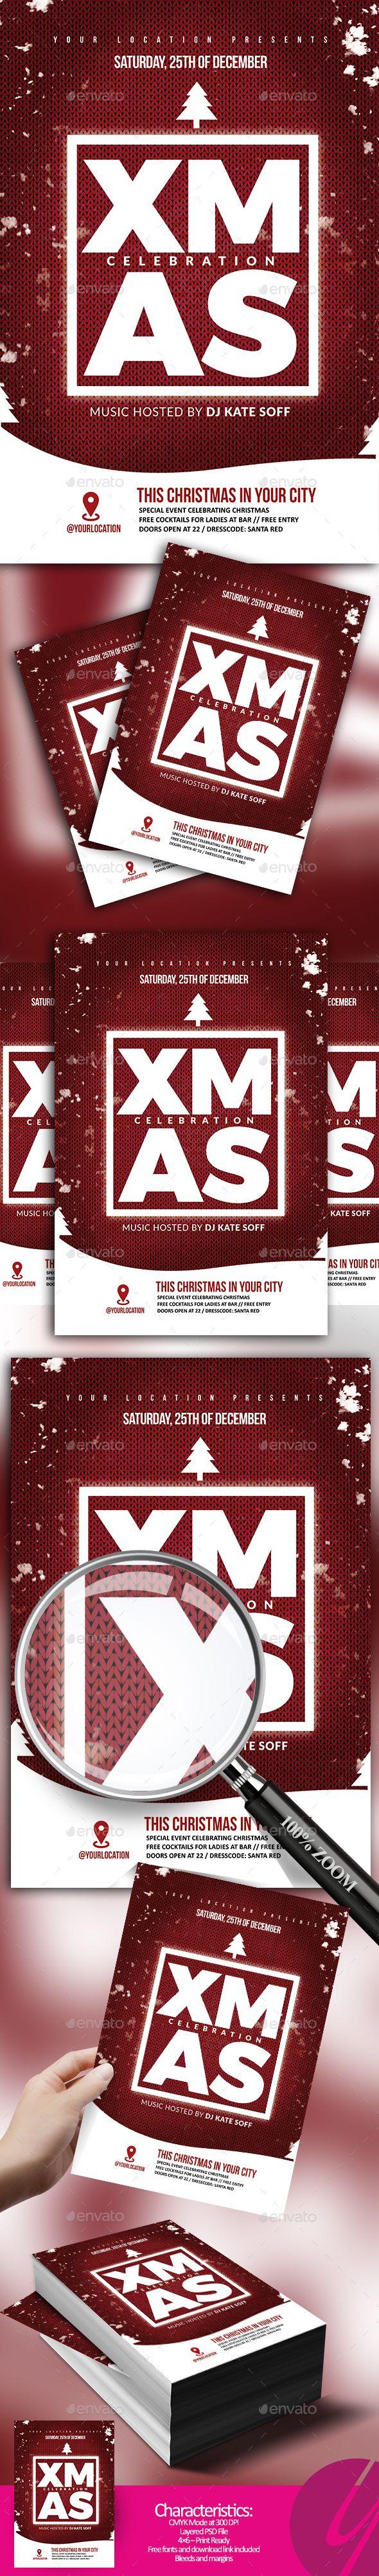 Xmas Celebration Pinterest Xmas Celebrations And Fonts